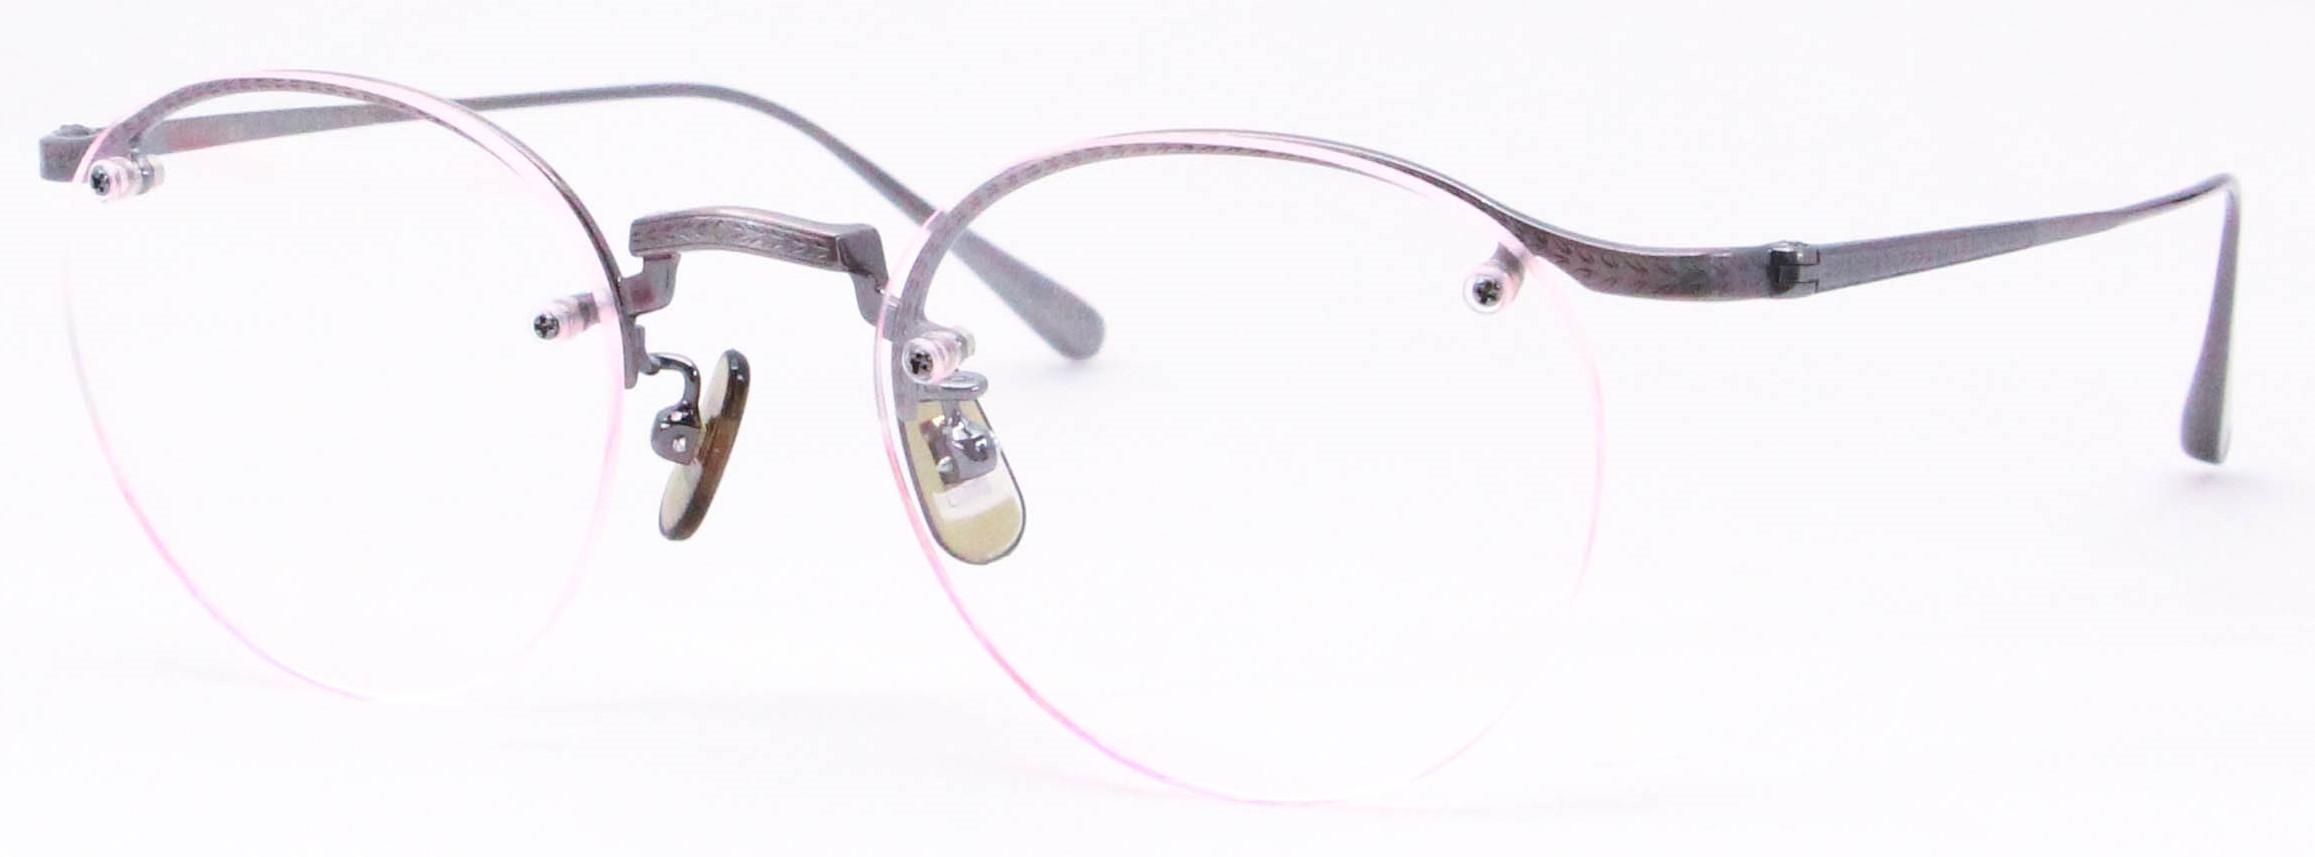 眼鏡のカラータイプC-3 At-Brown